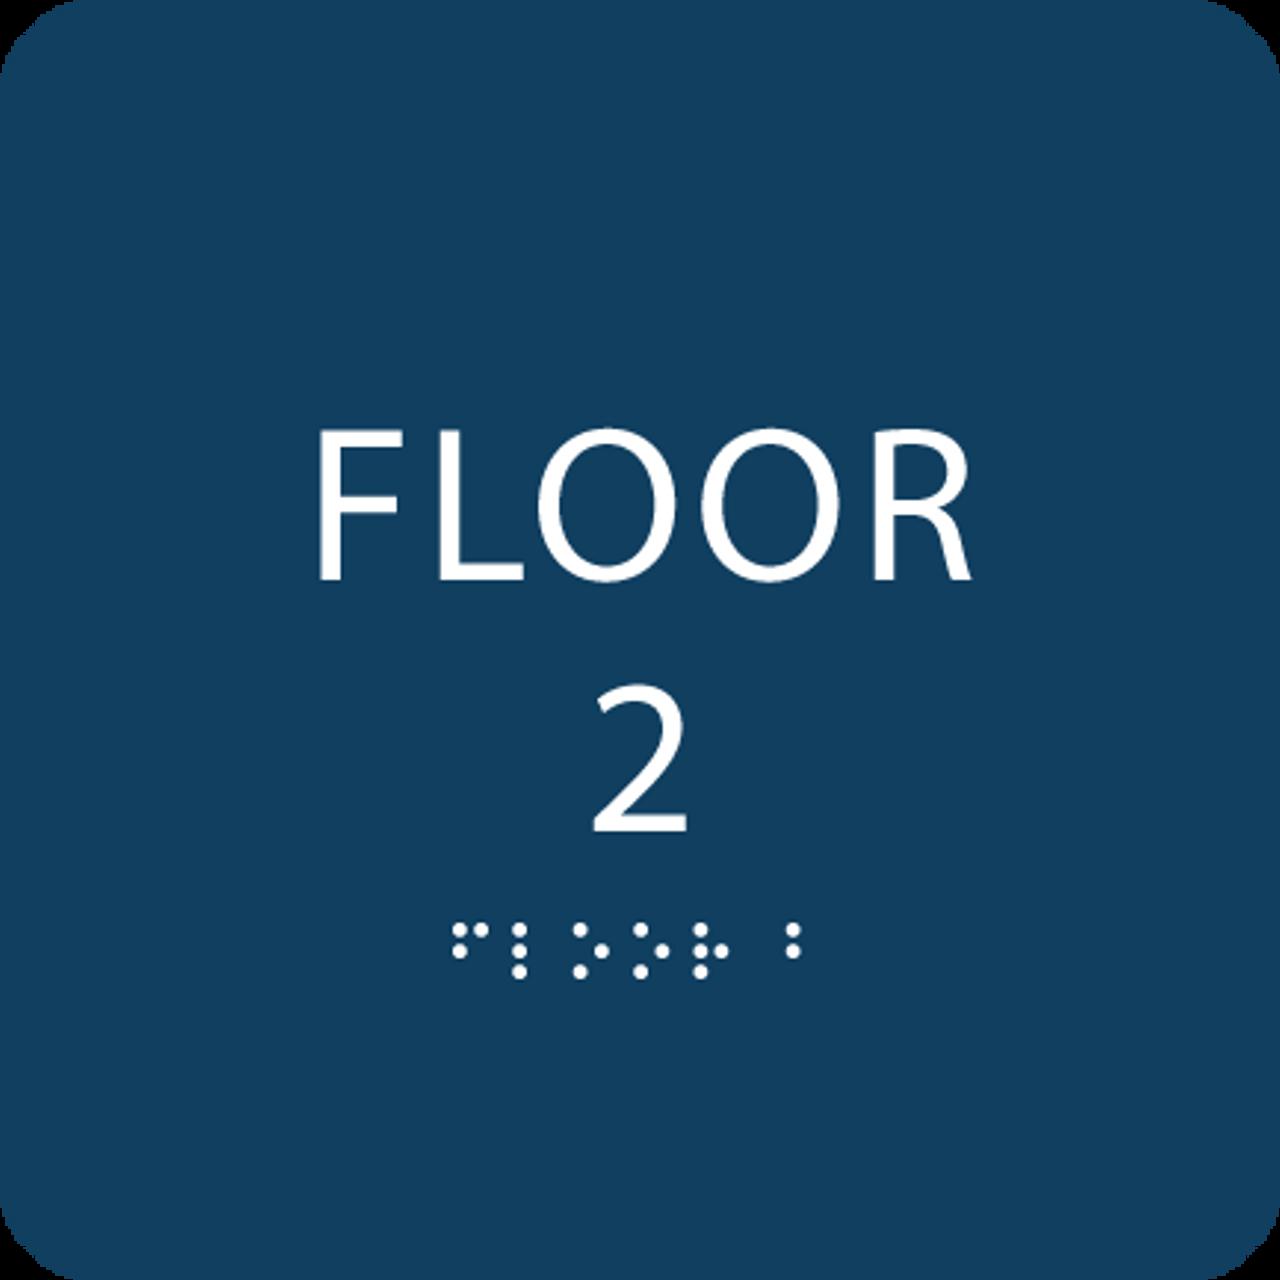 Dark Blue Floor 2 Identification Sign